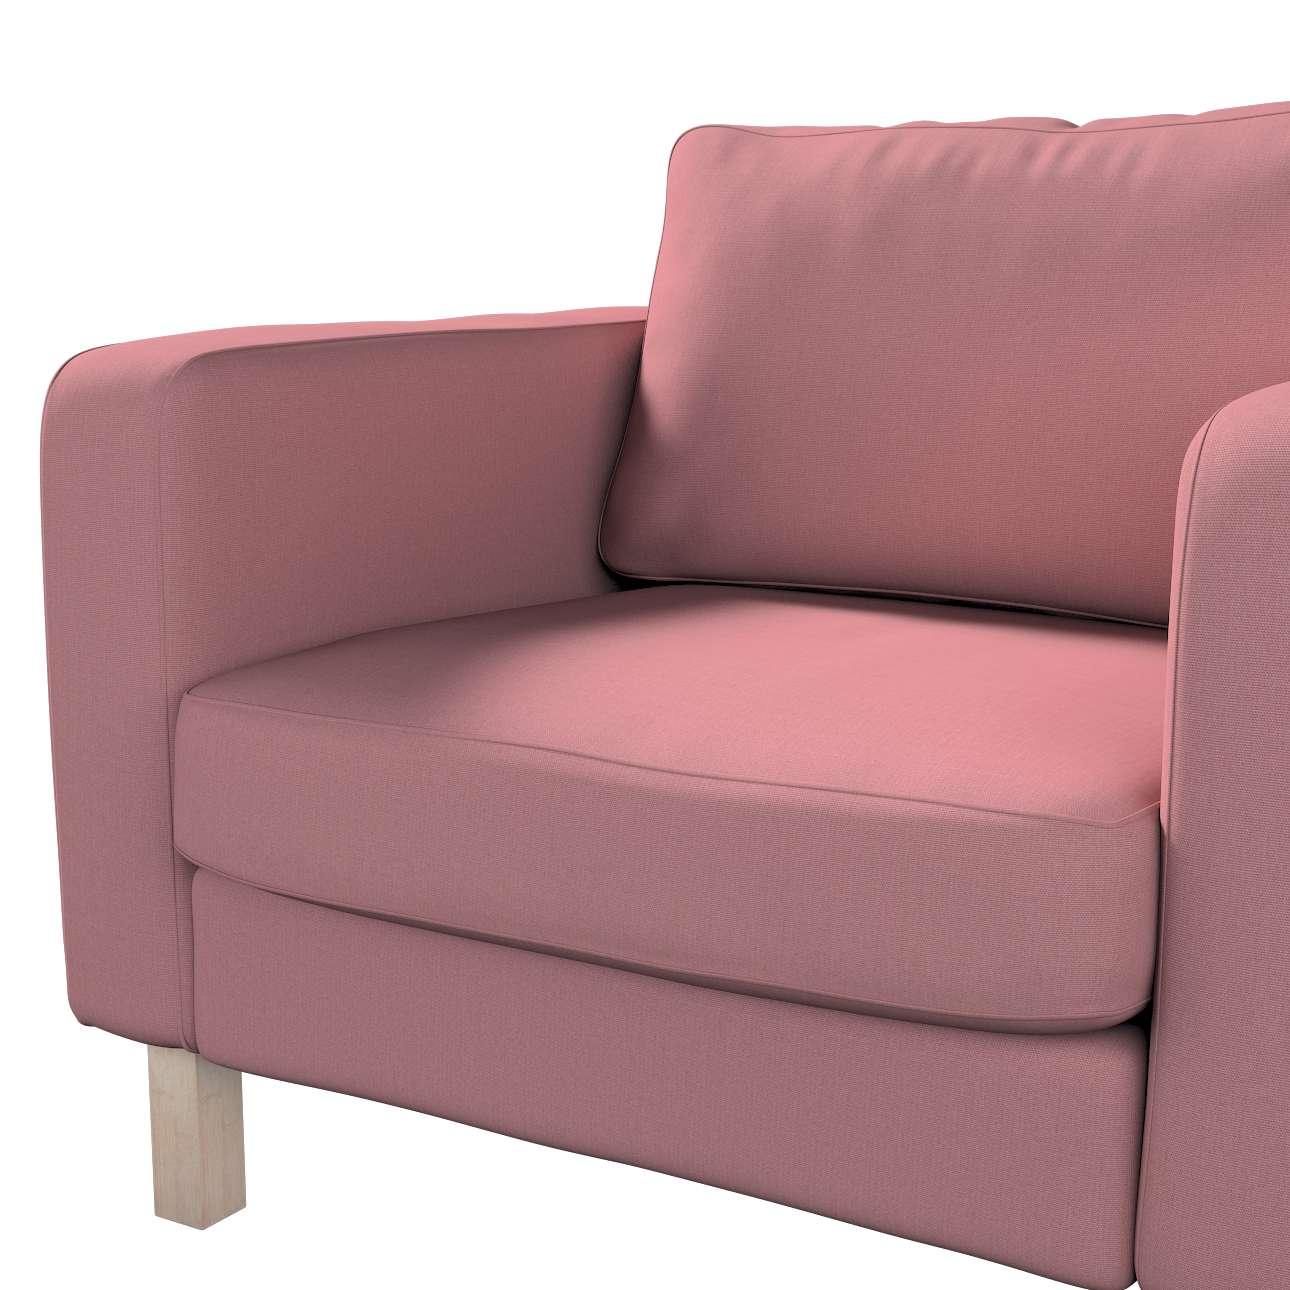 Pokrowiec na fotel Karlstad, krótki w kolekcji Cotton Panama, tkanina: 702-43